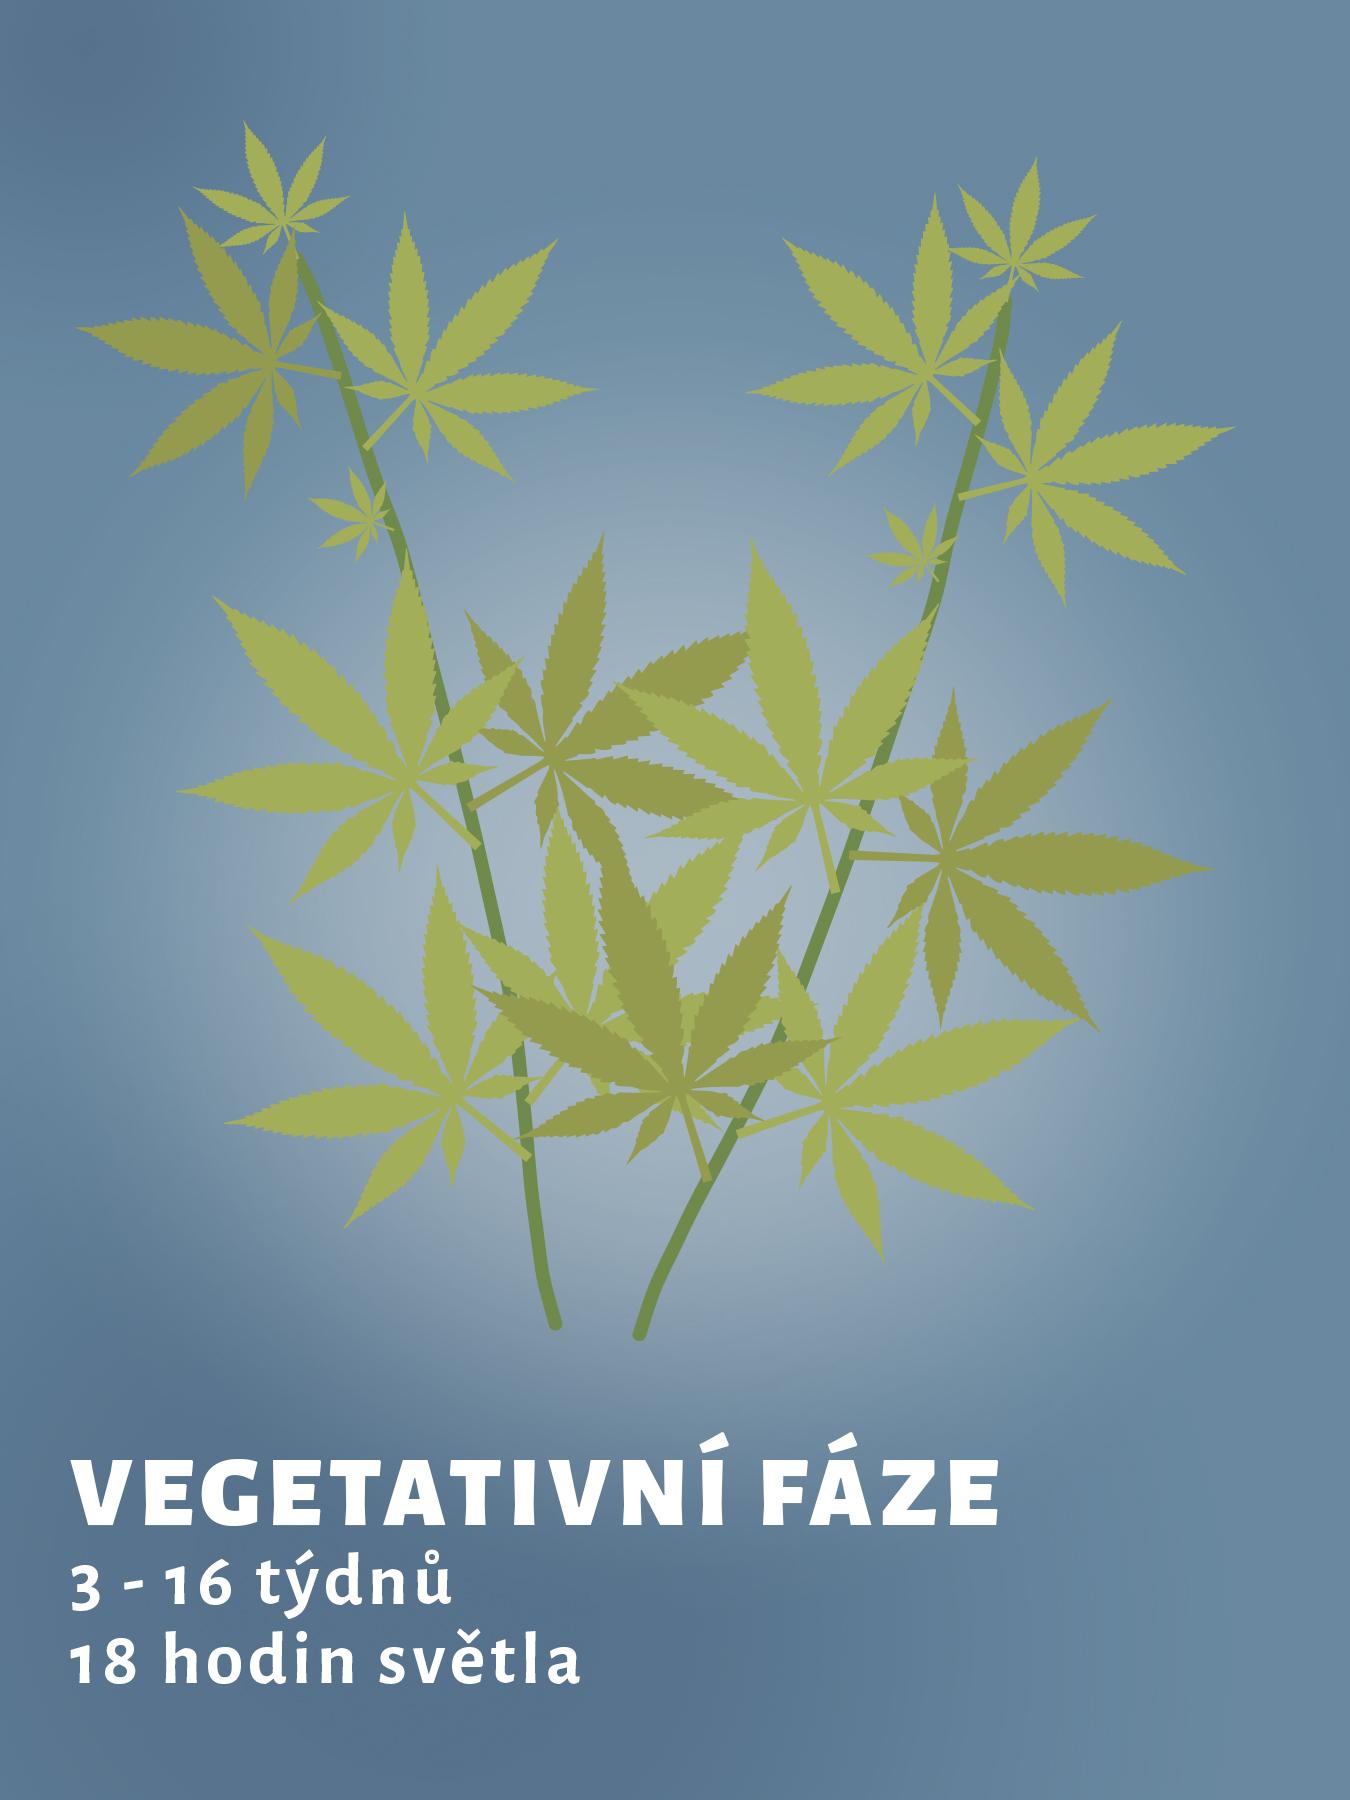 vegetativni-faze-konopi